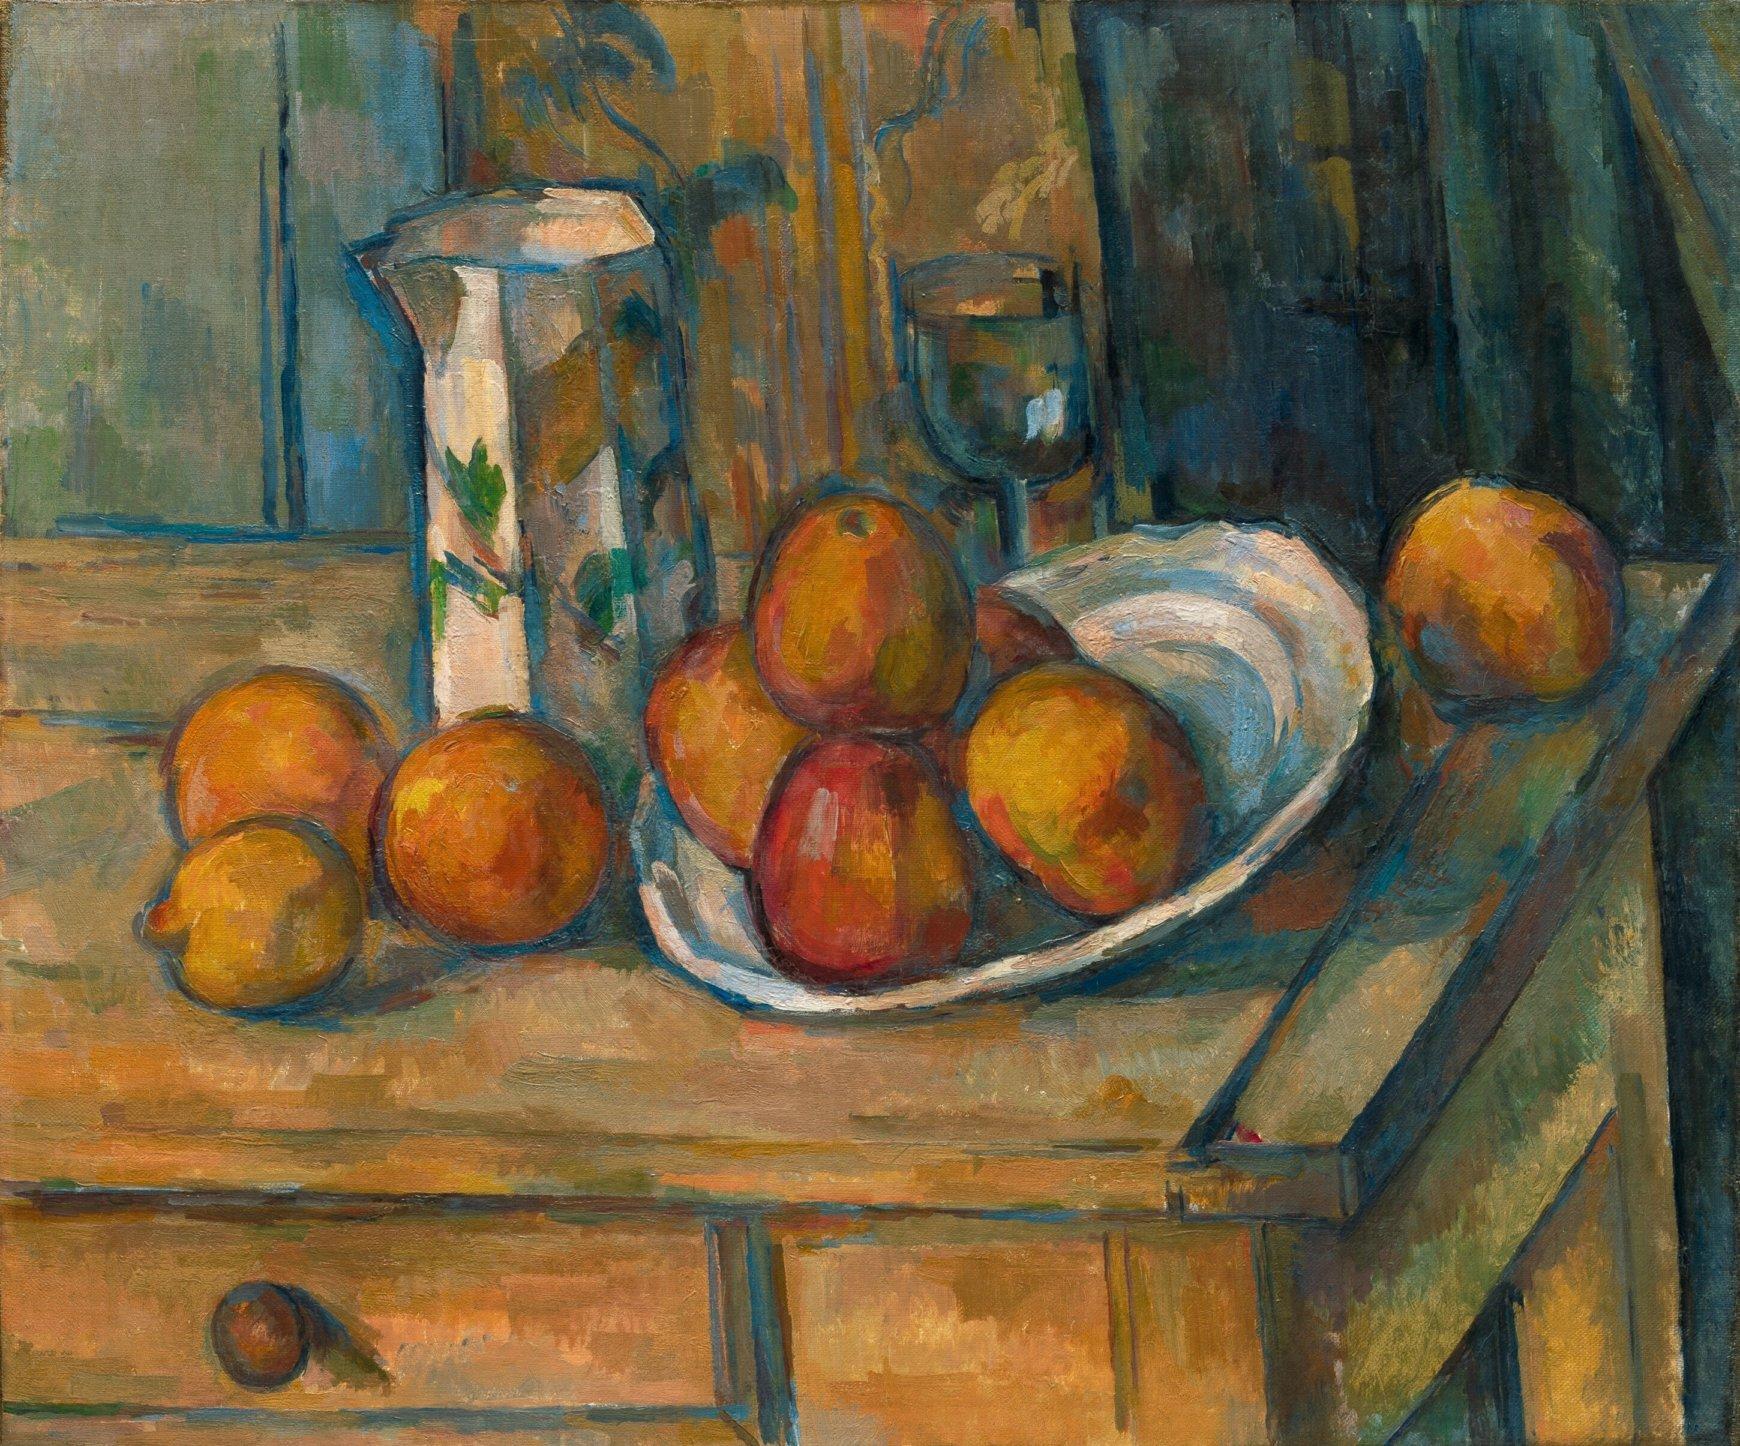 Paul Cézanne - Nature morte avec du lait et des fruits, National Gallery, Washington